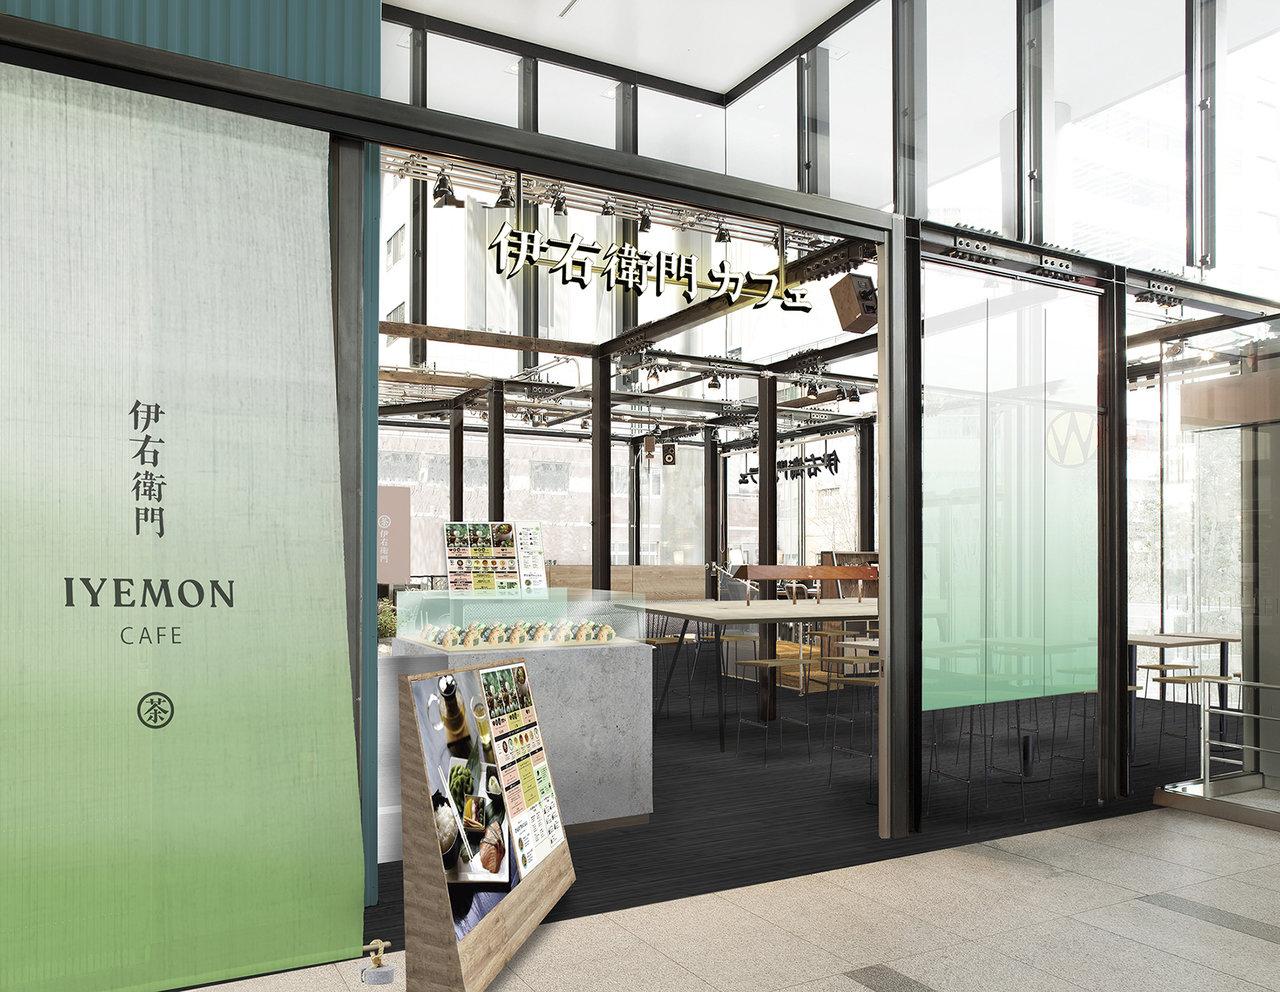 「伊右衛門サロン」に続く「伊右衛門」飲食ブランドの新業態 - 2019年12月に「伊右衛門カフェ」が2店舗オープン。